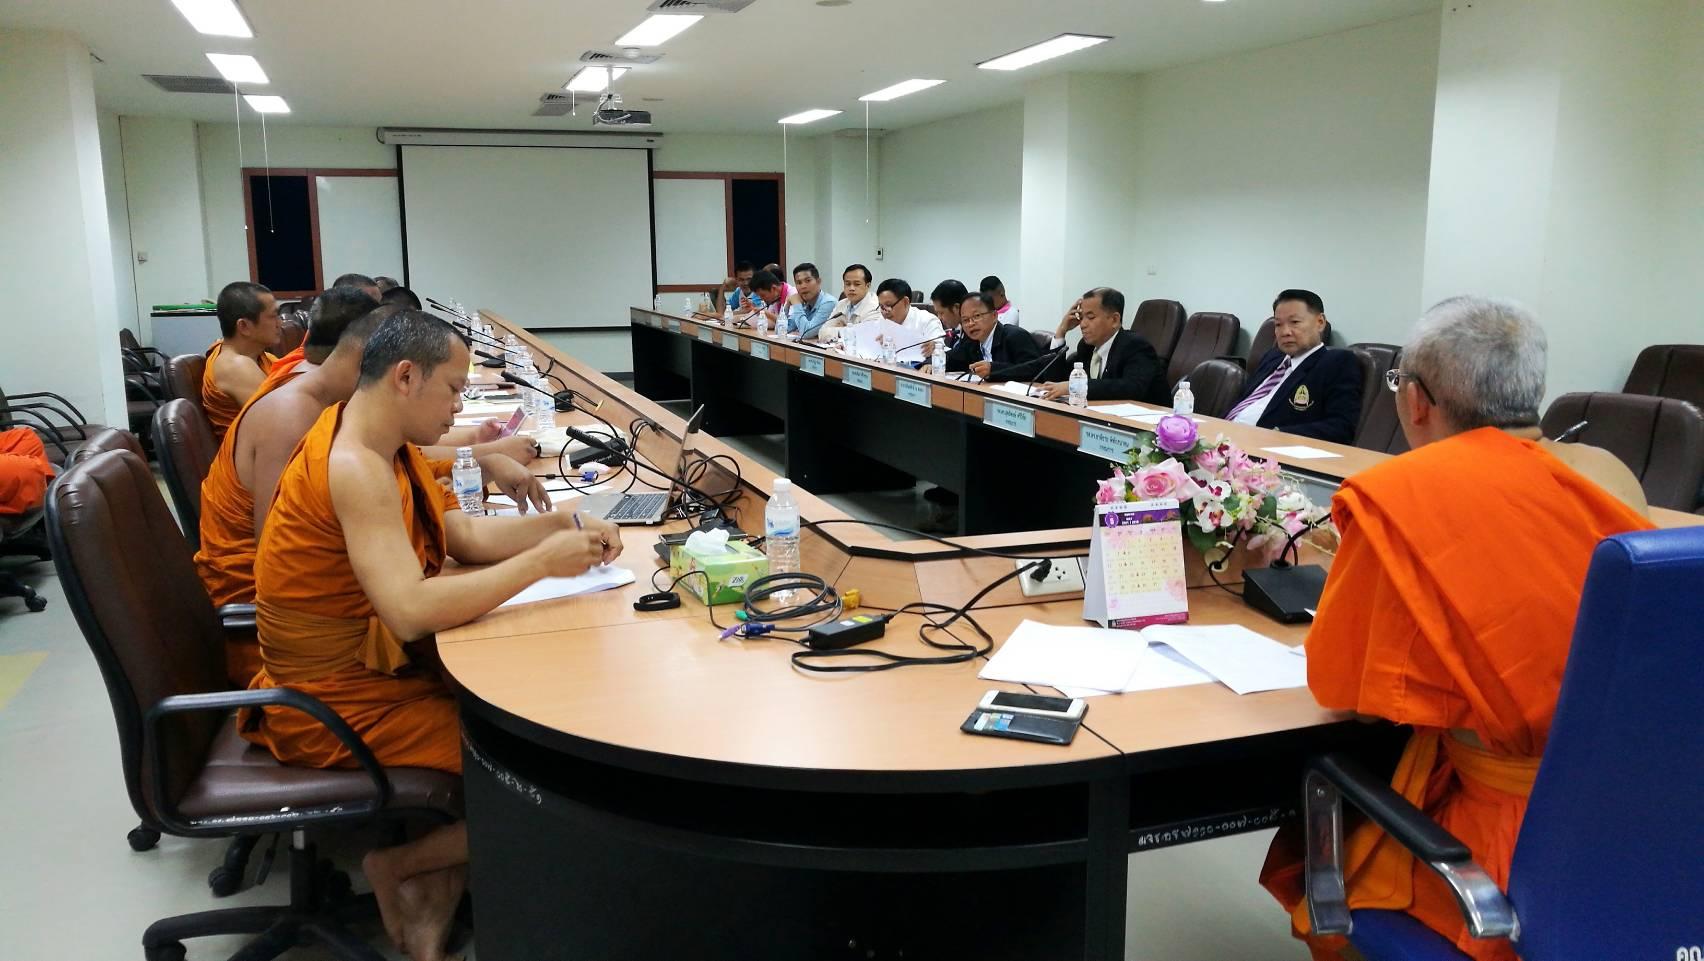 ประชุมคณะกรรมการจัดตารางสอนและตารางสอบ ป.ตรี มจร ส่วนกลาง